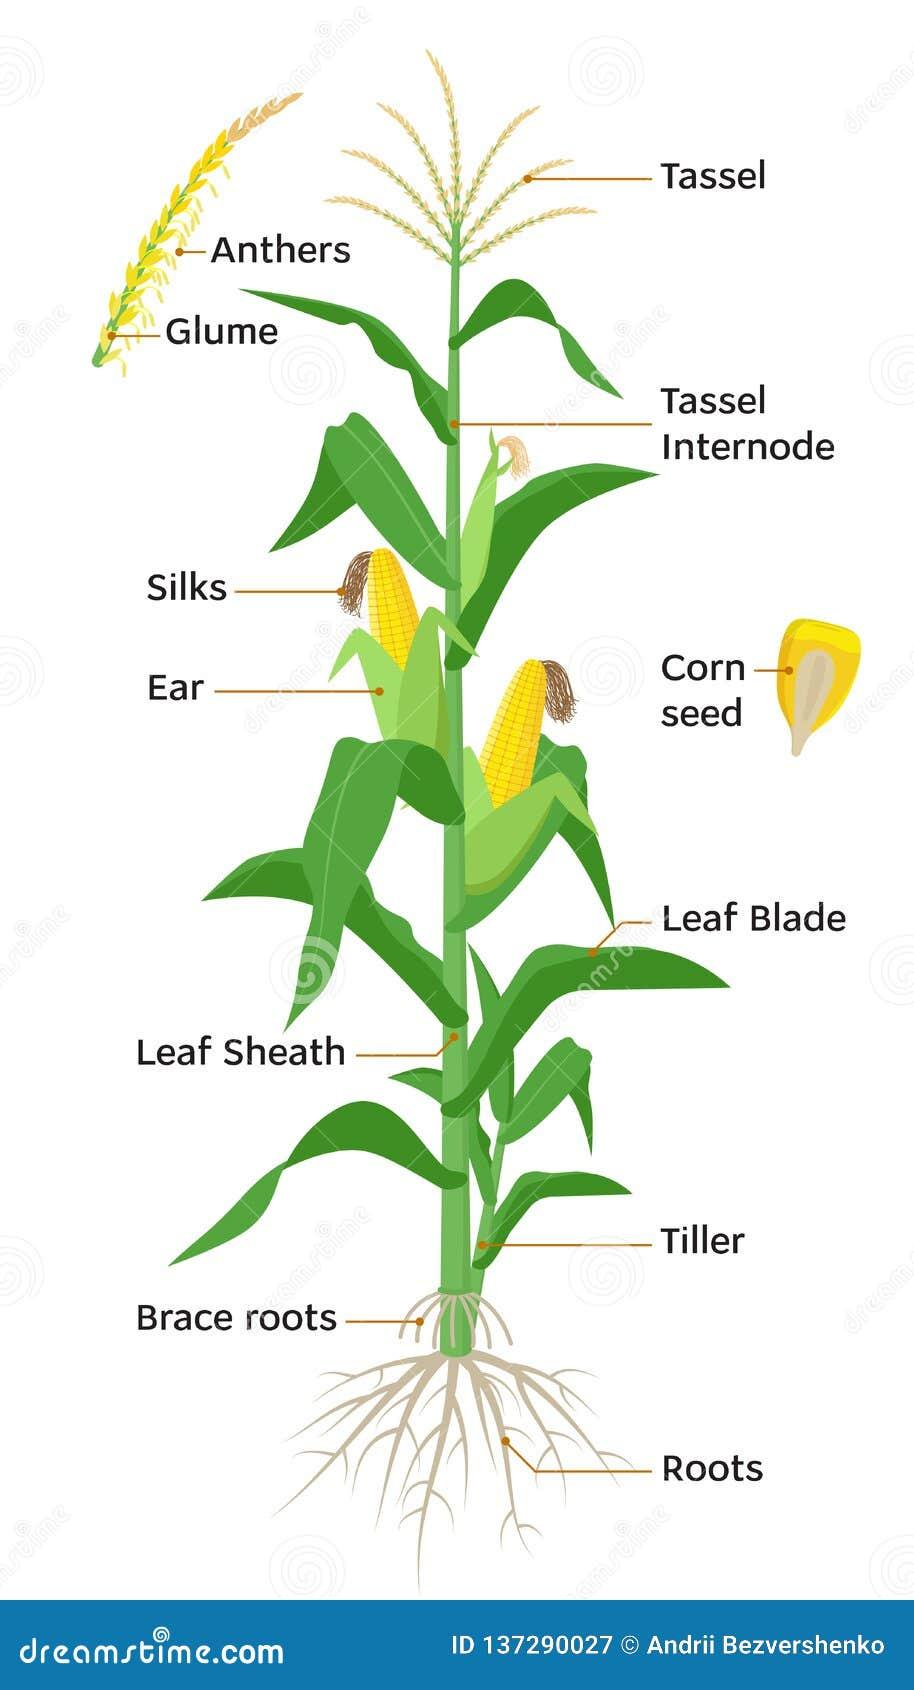 Diagrama de la planta del maíz, elementos infographic con las partes de la planta de maíz, anteras, borla, oídos de maíz, mazorca